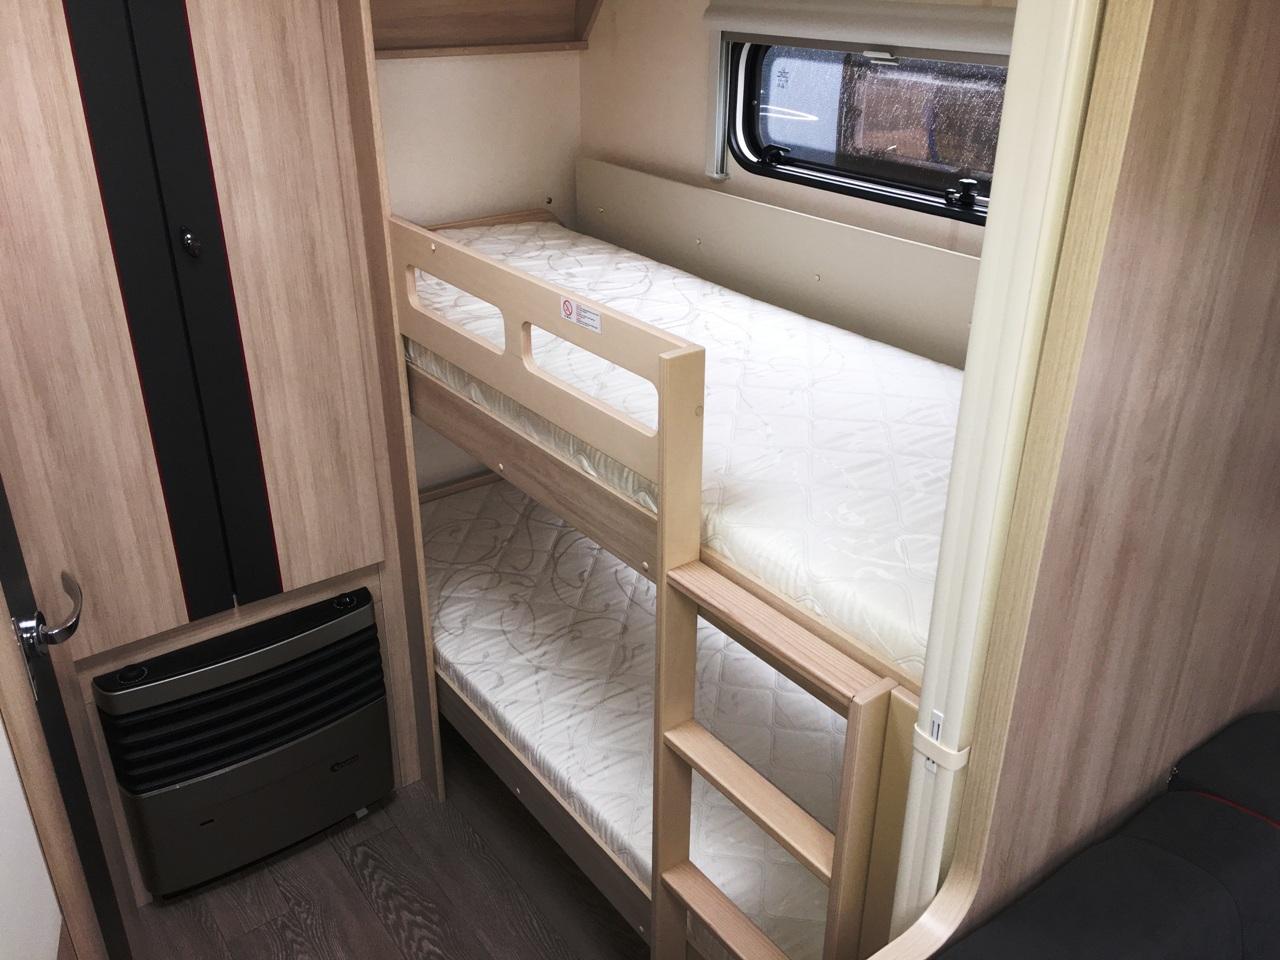 Wassercamper | Die Stockbetten im hinteren Bereich des Wohnwagen | Camping auf dem Wasser